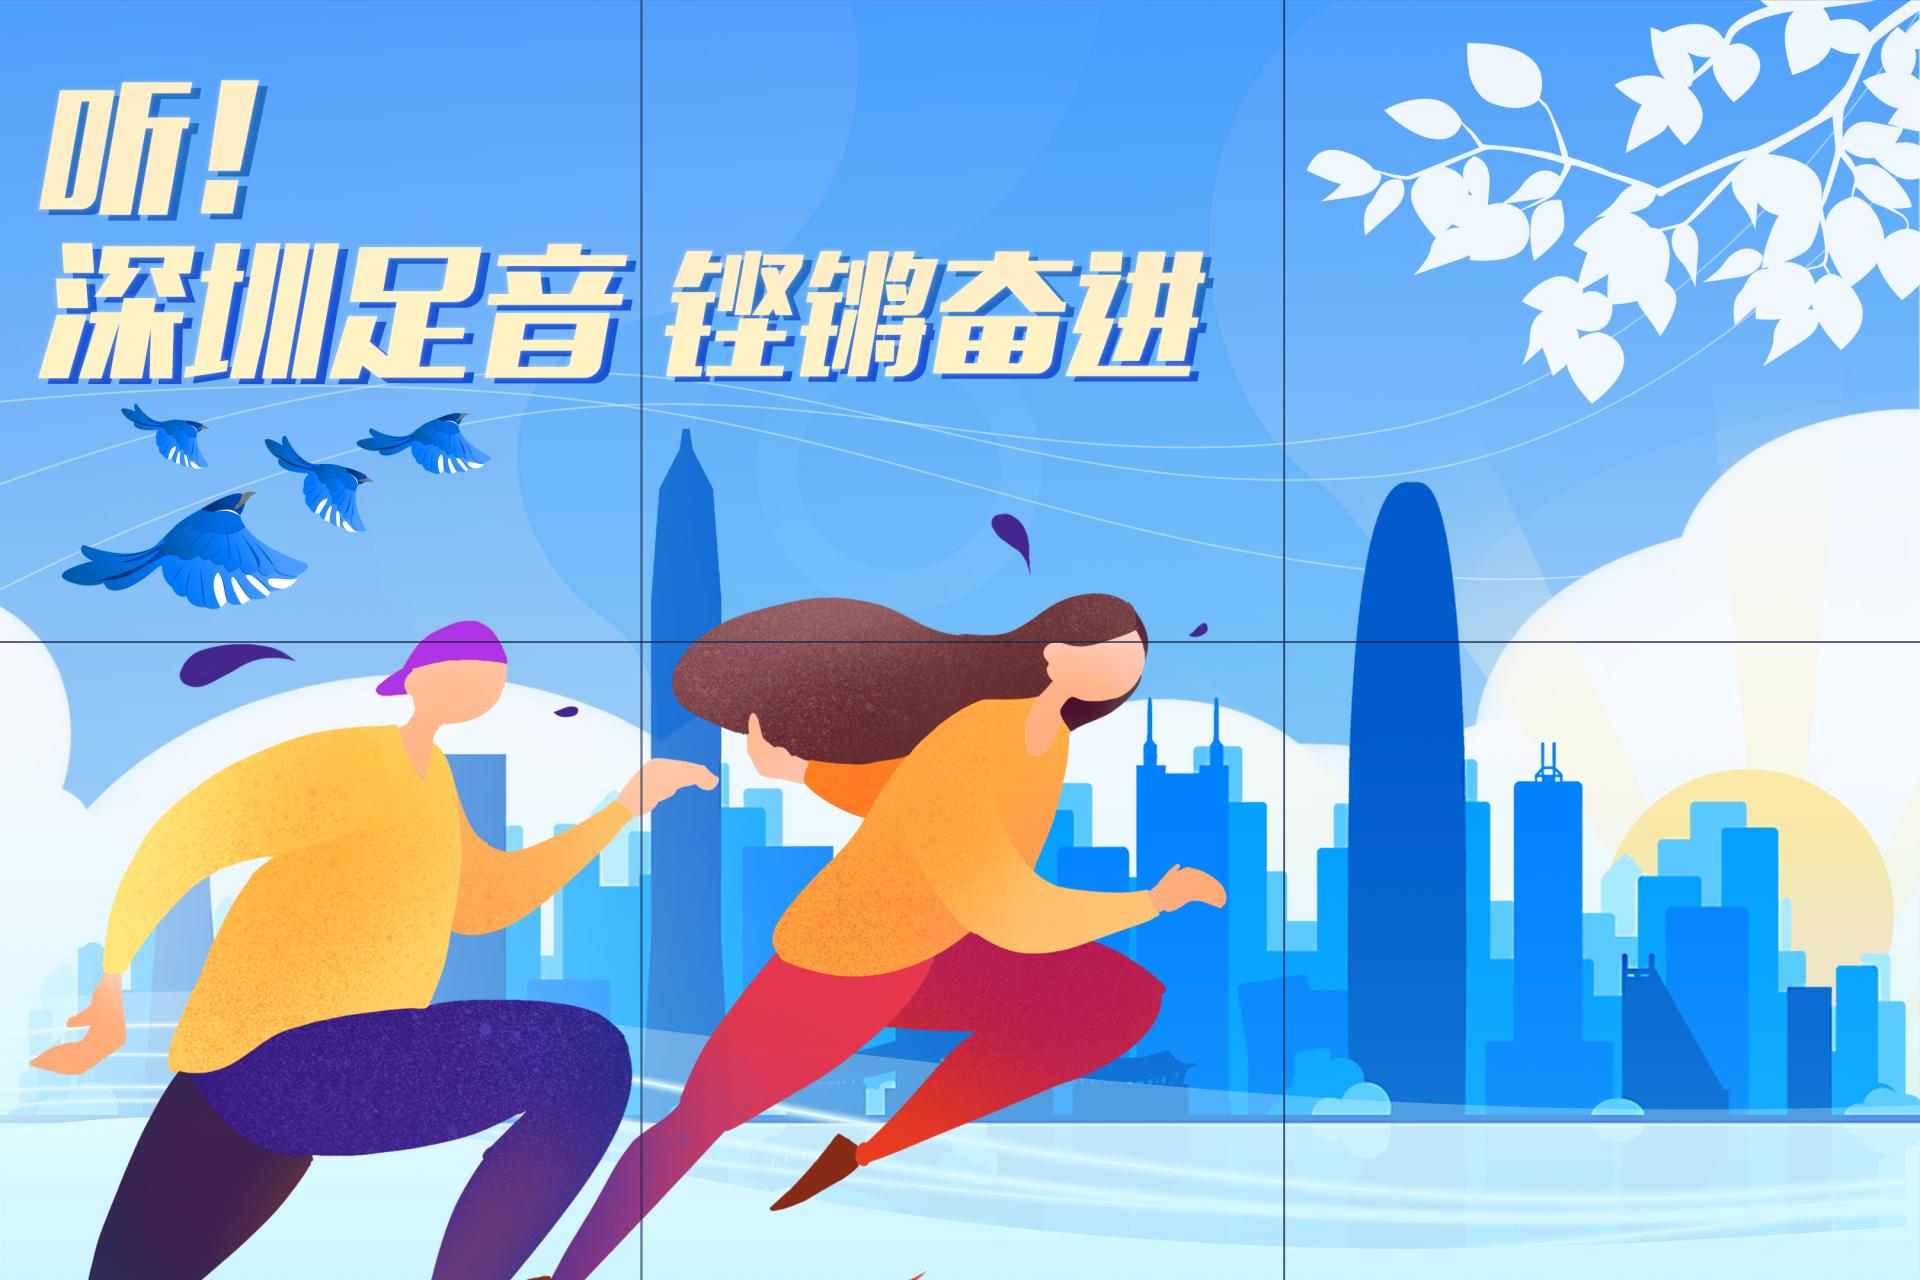 市委六届十八次全会今日召开!深圳足音铿锵,奋进新征程